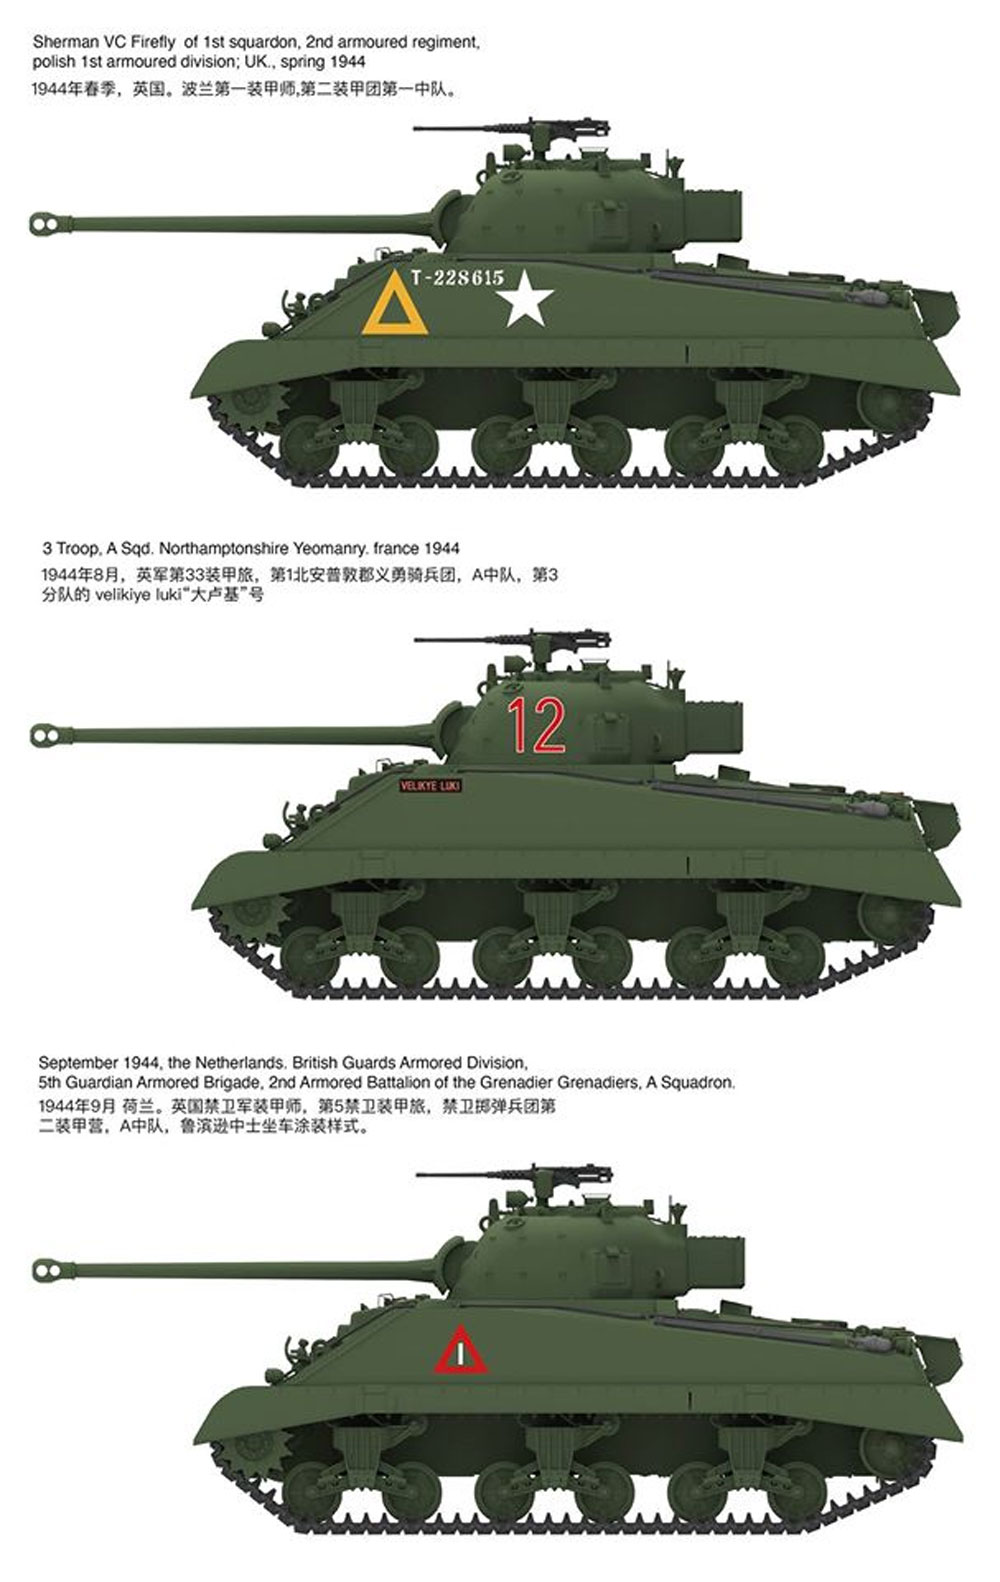 イギリス戦車 シャーマン 5C ファイアフライプラモデル(ライ フィールド モデル1/35 Military Miniature SeriesNo.5038)商品画像_2